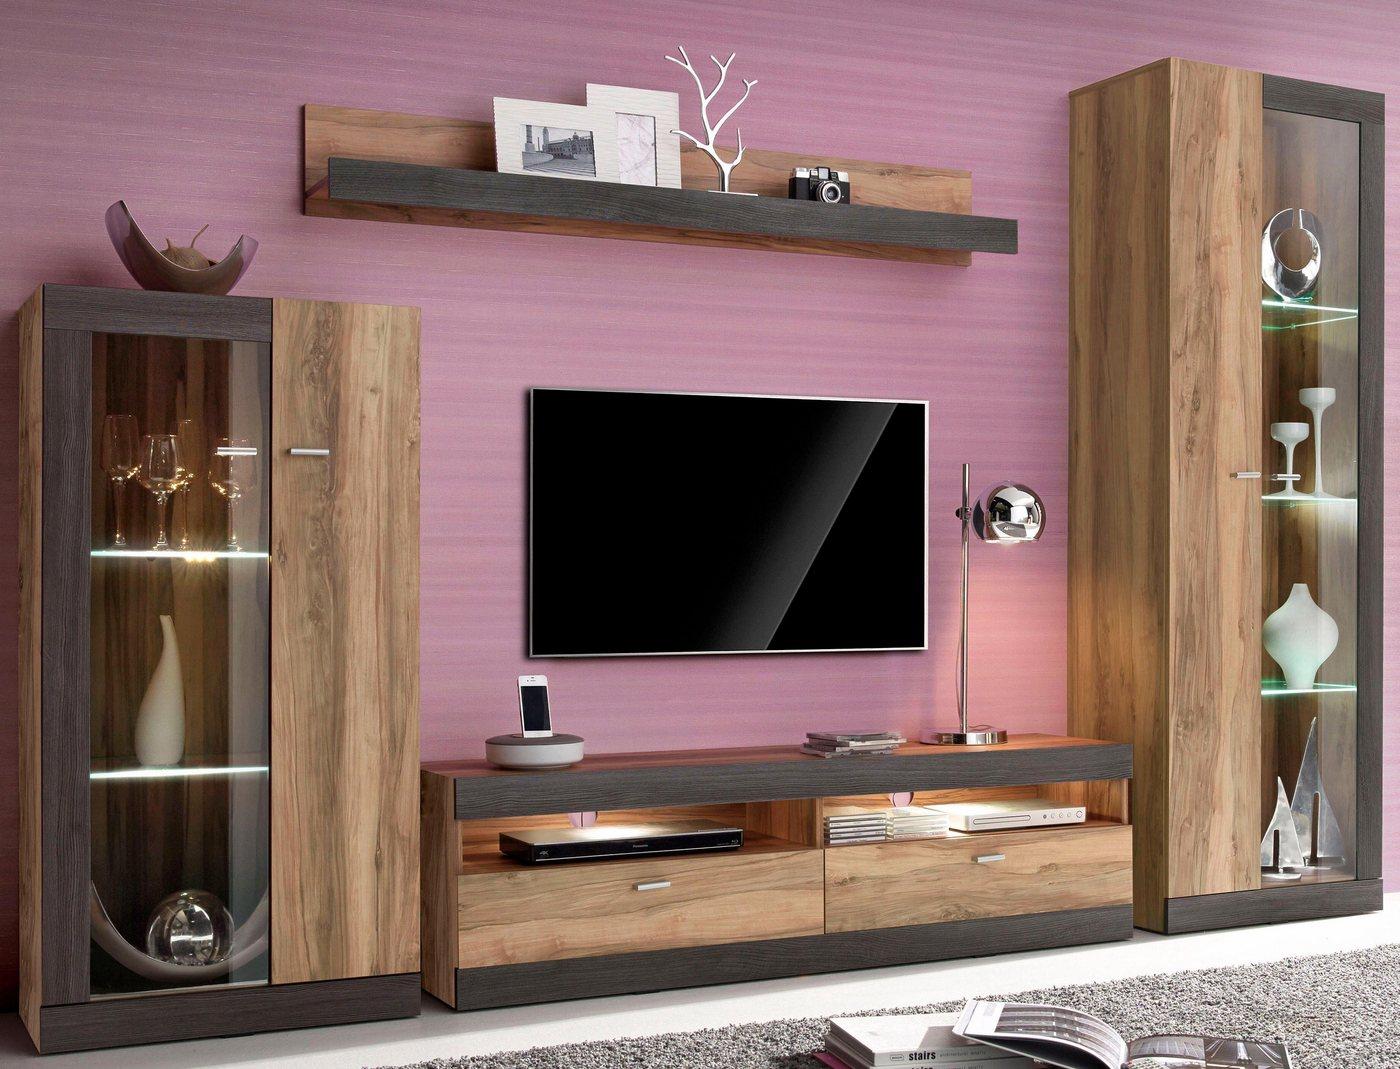 #925D3922341764 Tv Meubelen Debruijnpompen Meest recente Design Meubelen Drachten 1441 pic 140010691441 Ontwerp